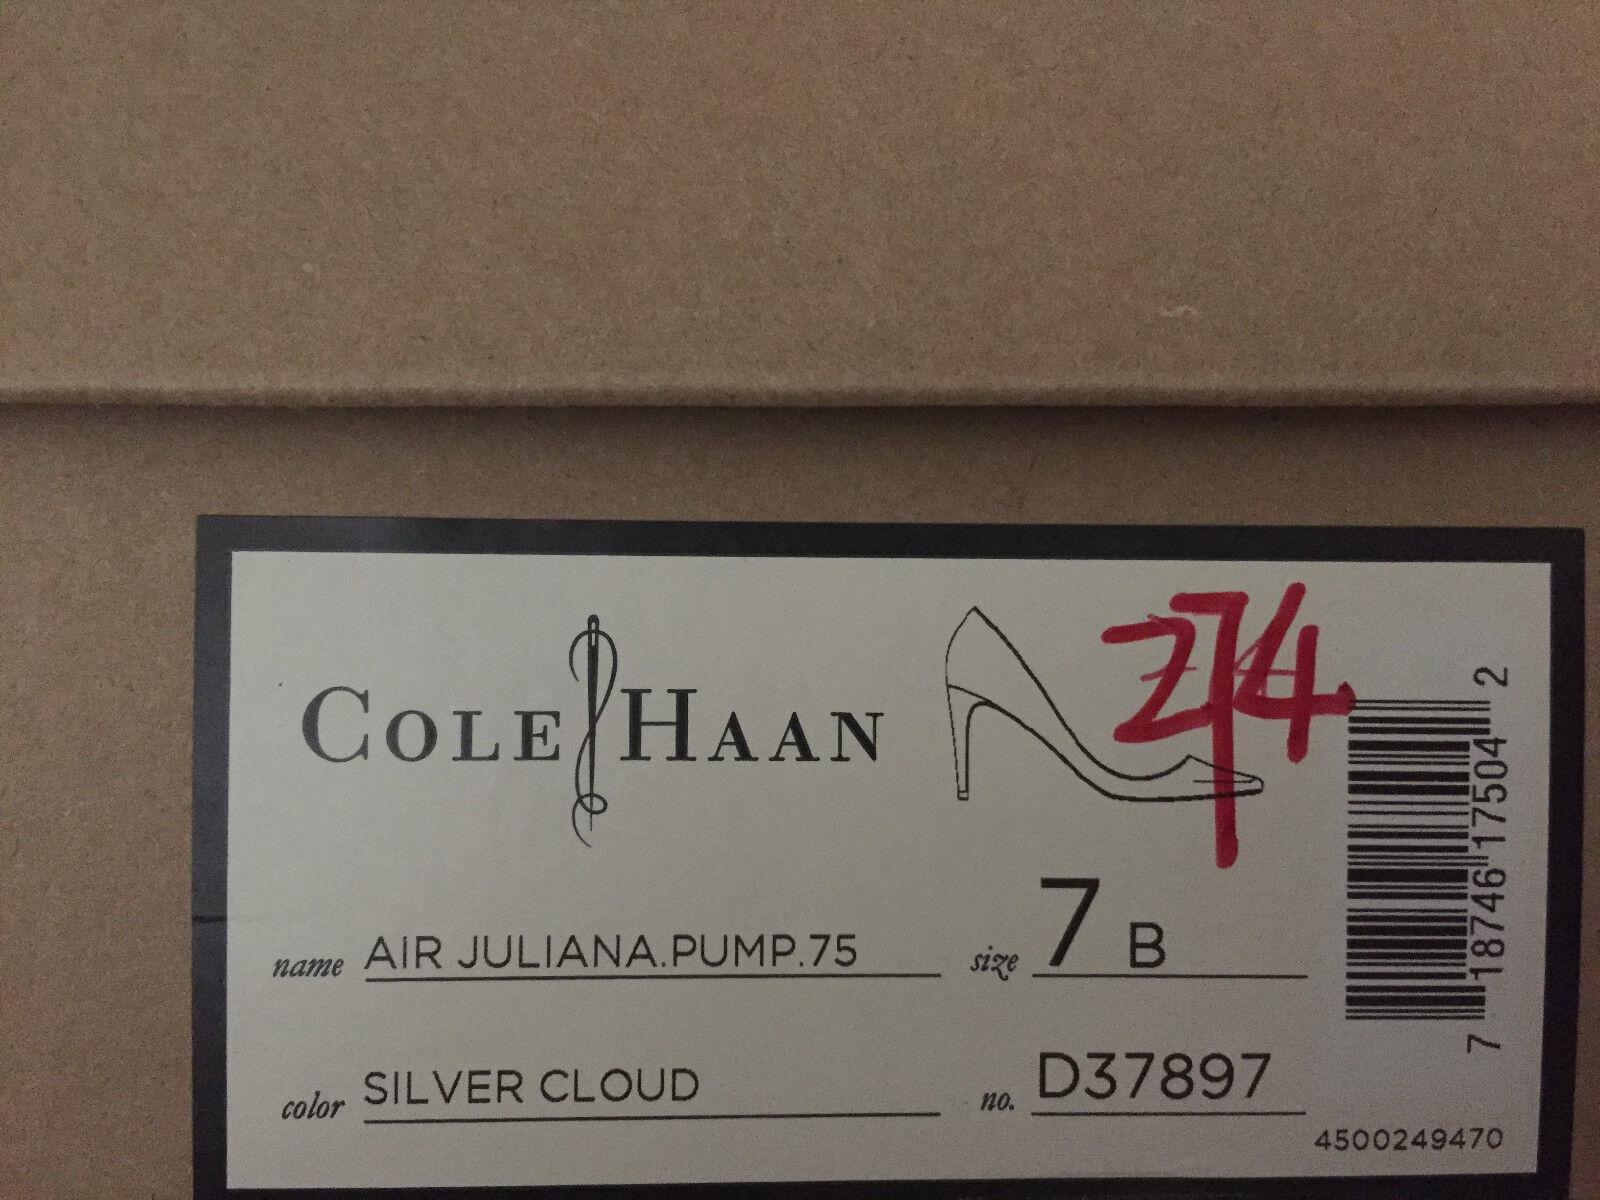 NIB Cole Haan Air Juliana 75 PUMP PUMP PUMP 6 7 Silber CLOUD POINTED TOE 239b08